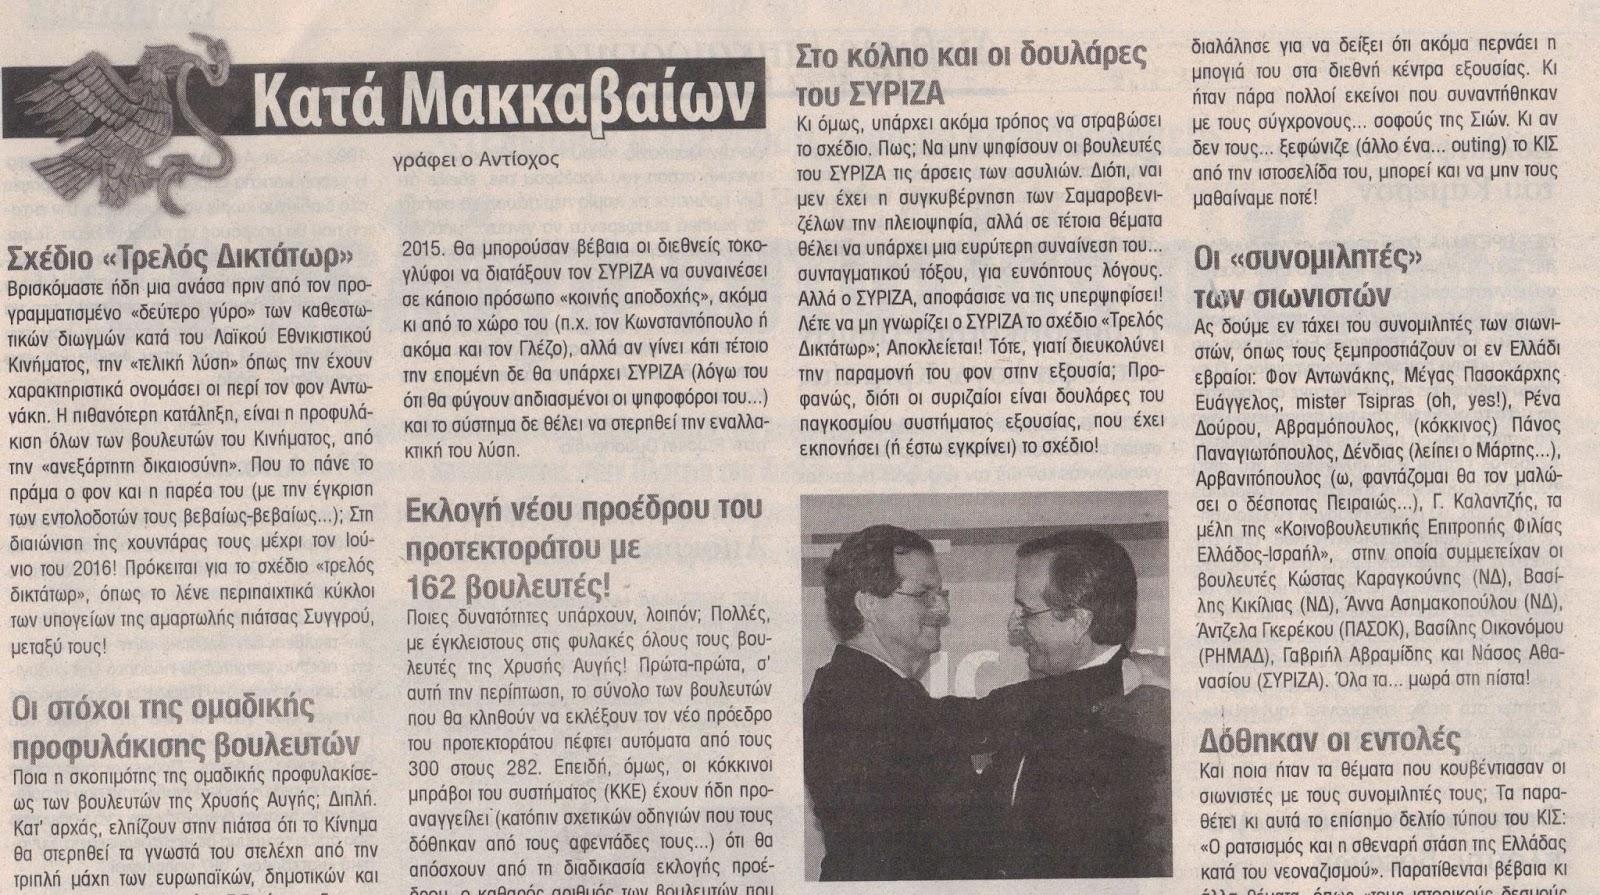 Κατά Μακκαβαίων...γράφει ο Αντίοχος από την εφημερίδα  Χρυσή Αυγή που κυκλοφορεί